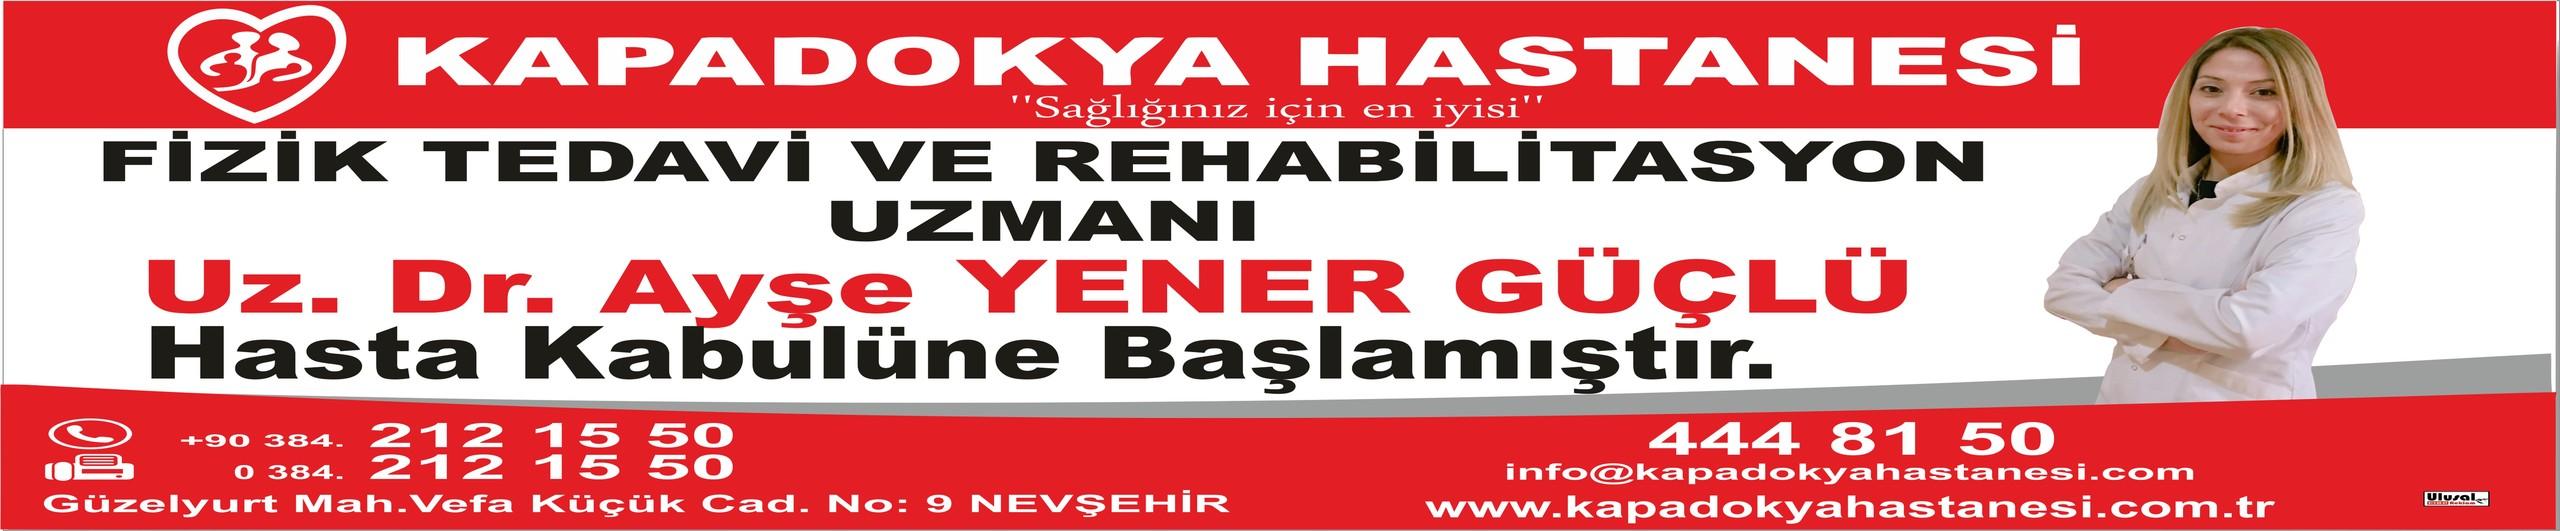 Kapadokya Hastanesi Ayşe Yener Güçlü